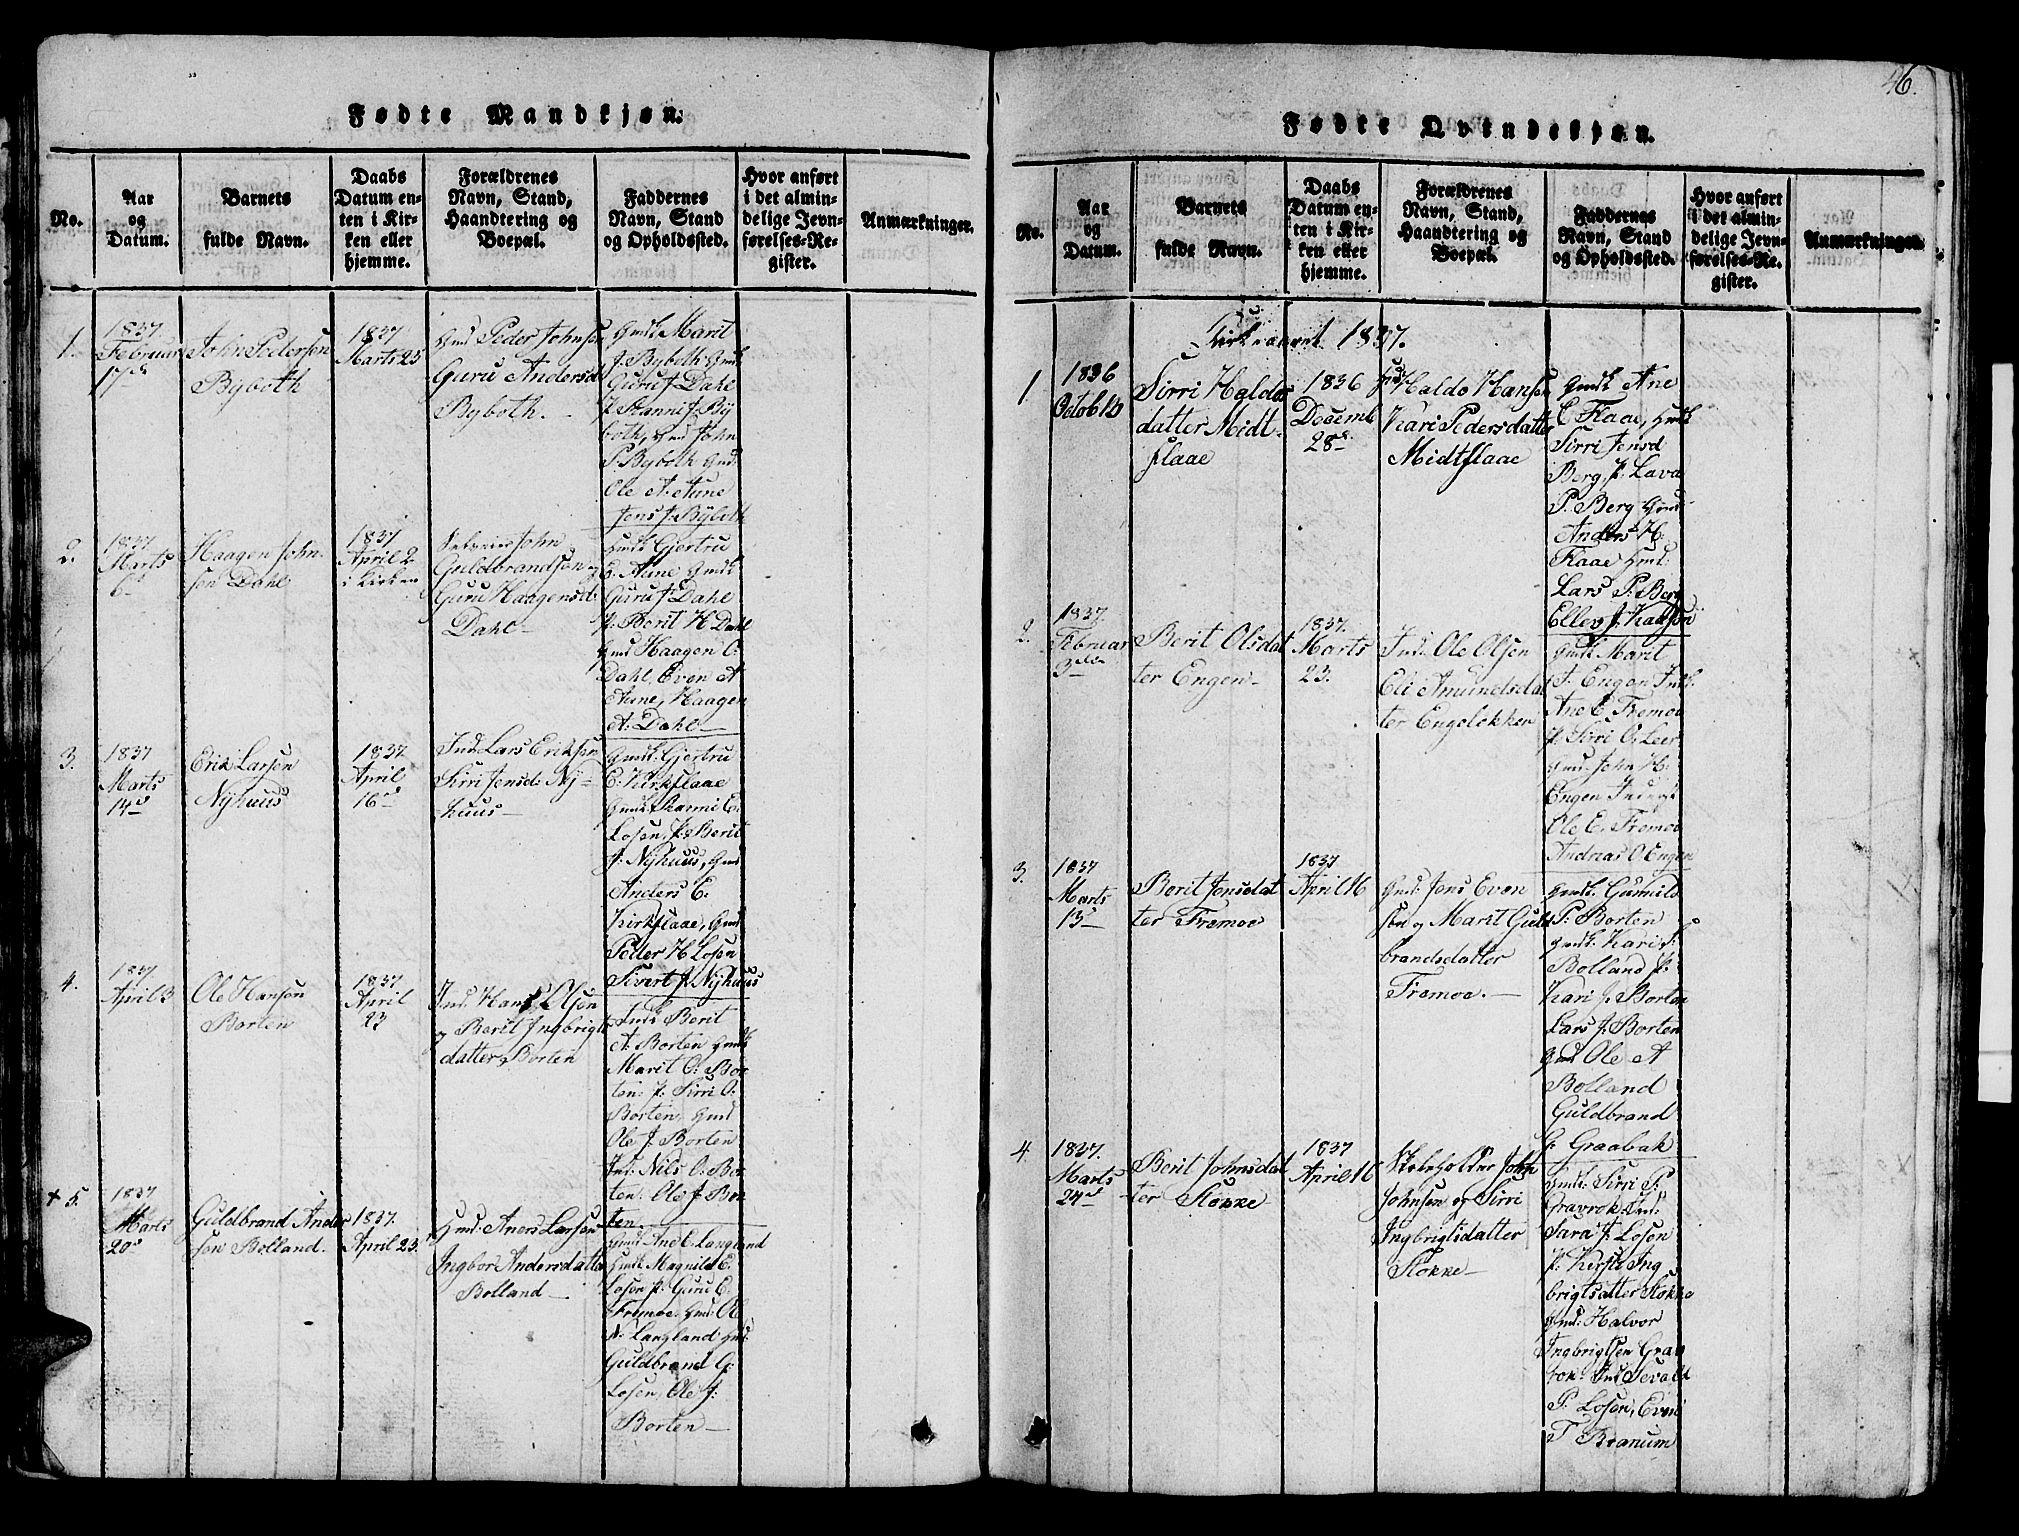 SAT, Ministerialprotokoller, klokkerbøker og fødselsregistre - Sør-Trøndelag, 693/L1121: Klokkerbok nr. 693C02, 1816-1869, s. 46